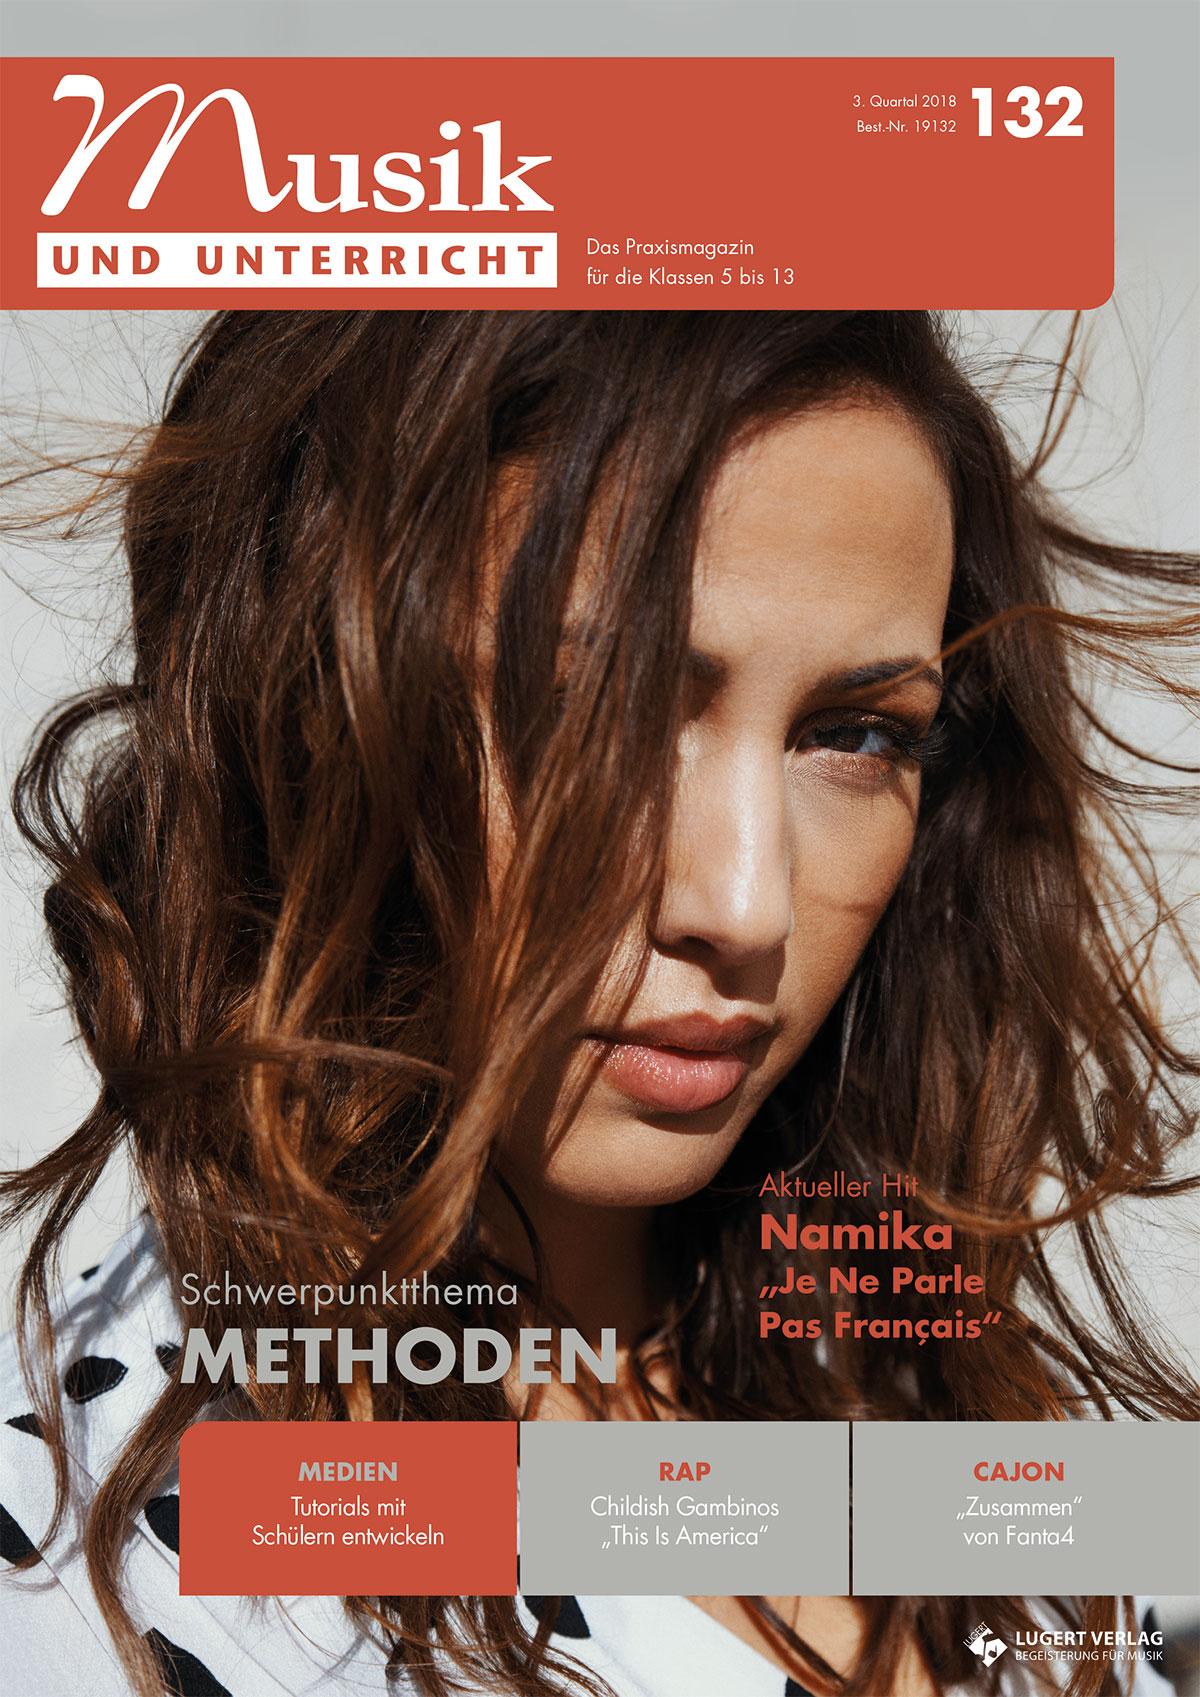 Prüfpaket Musik und Unterricht 132 Heft inkl. CD Plus